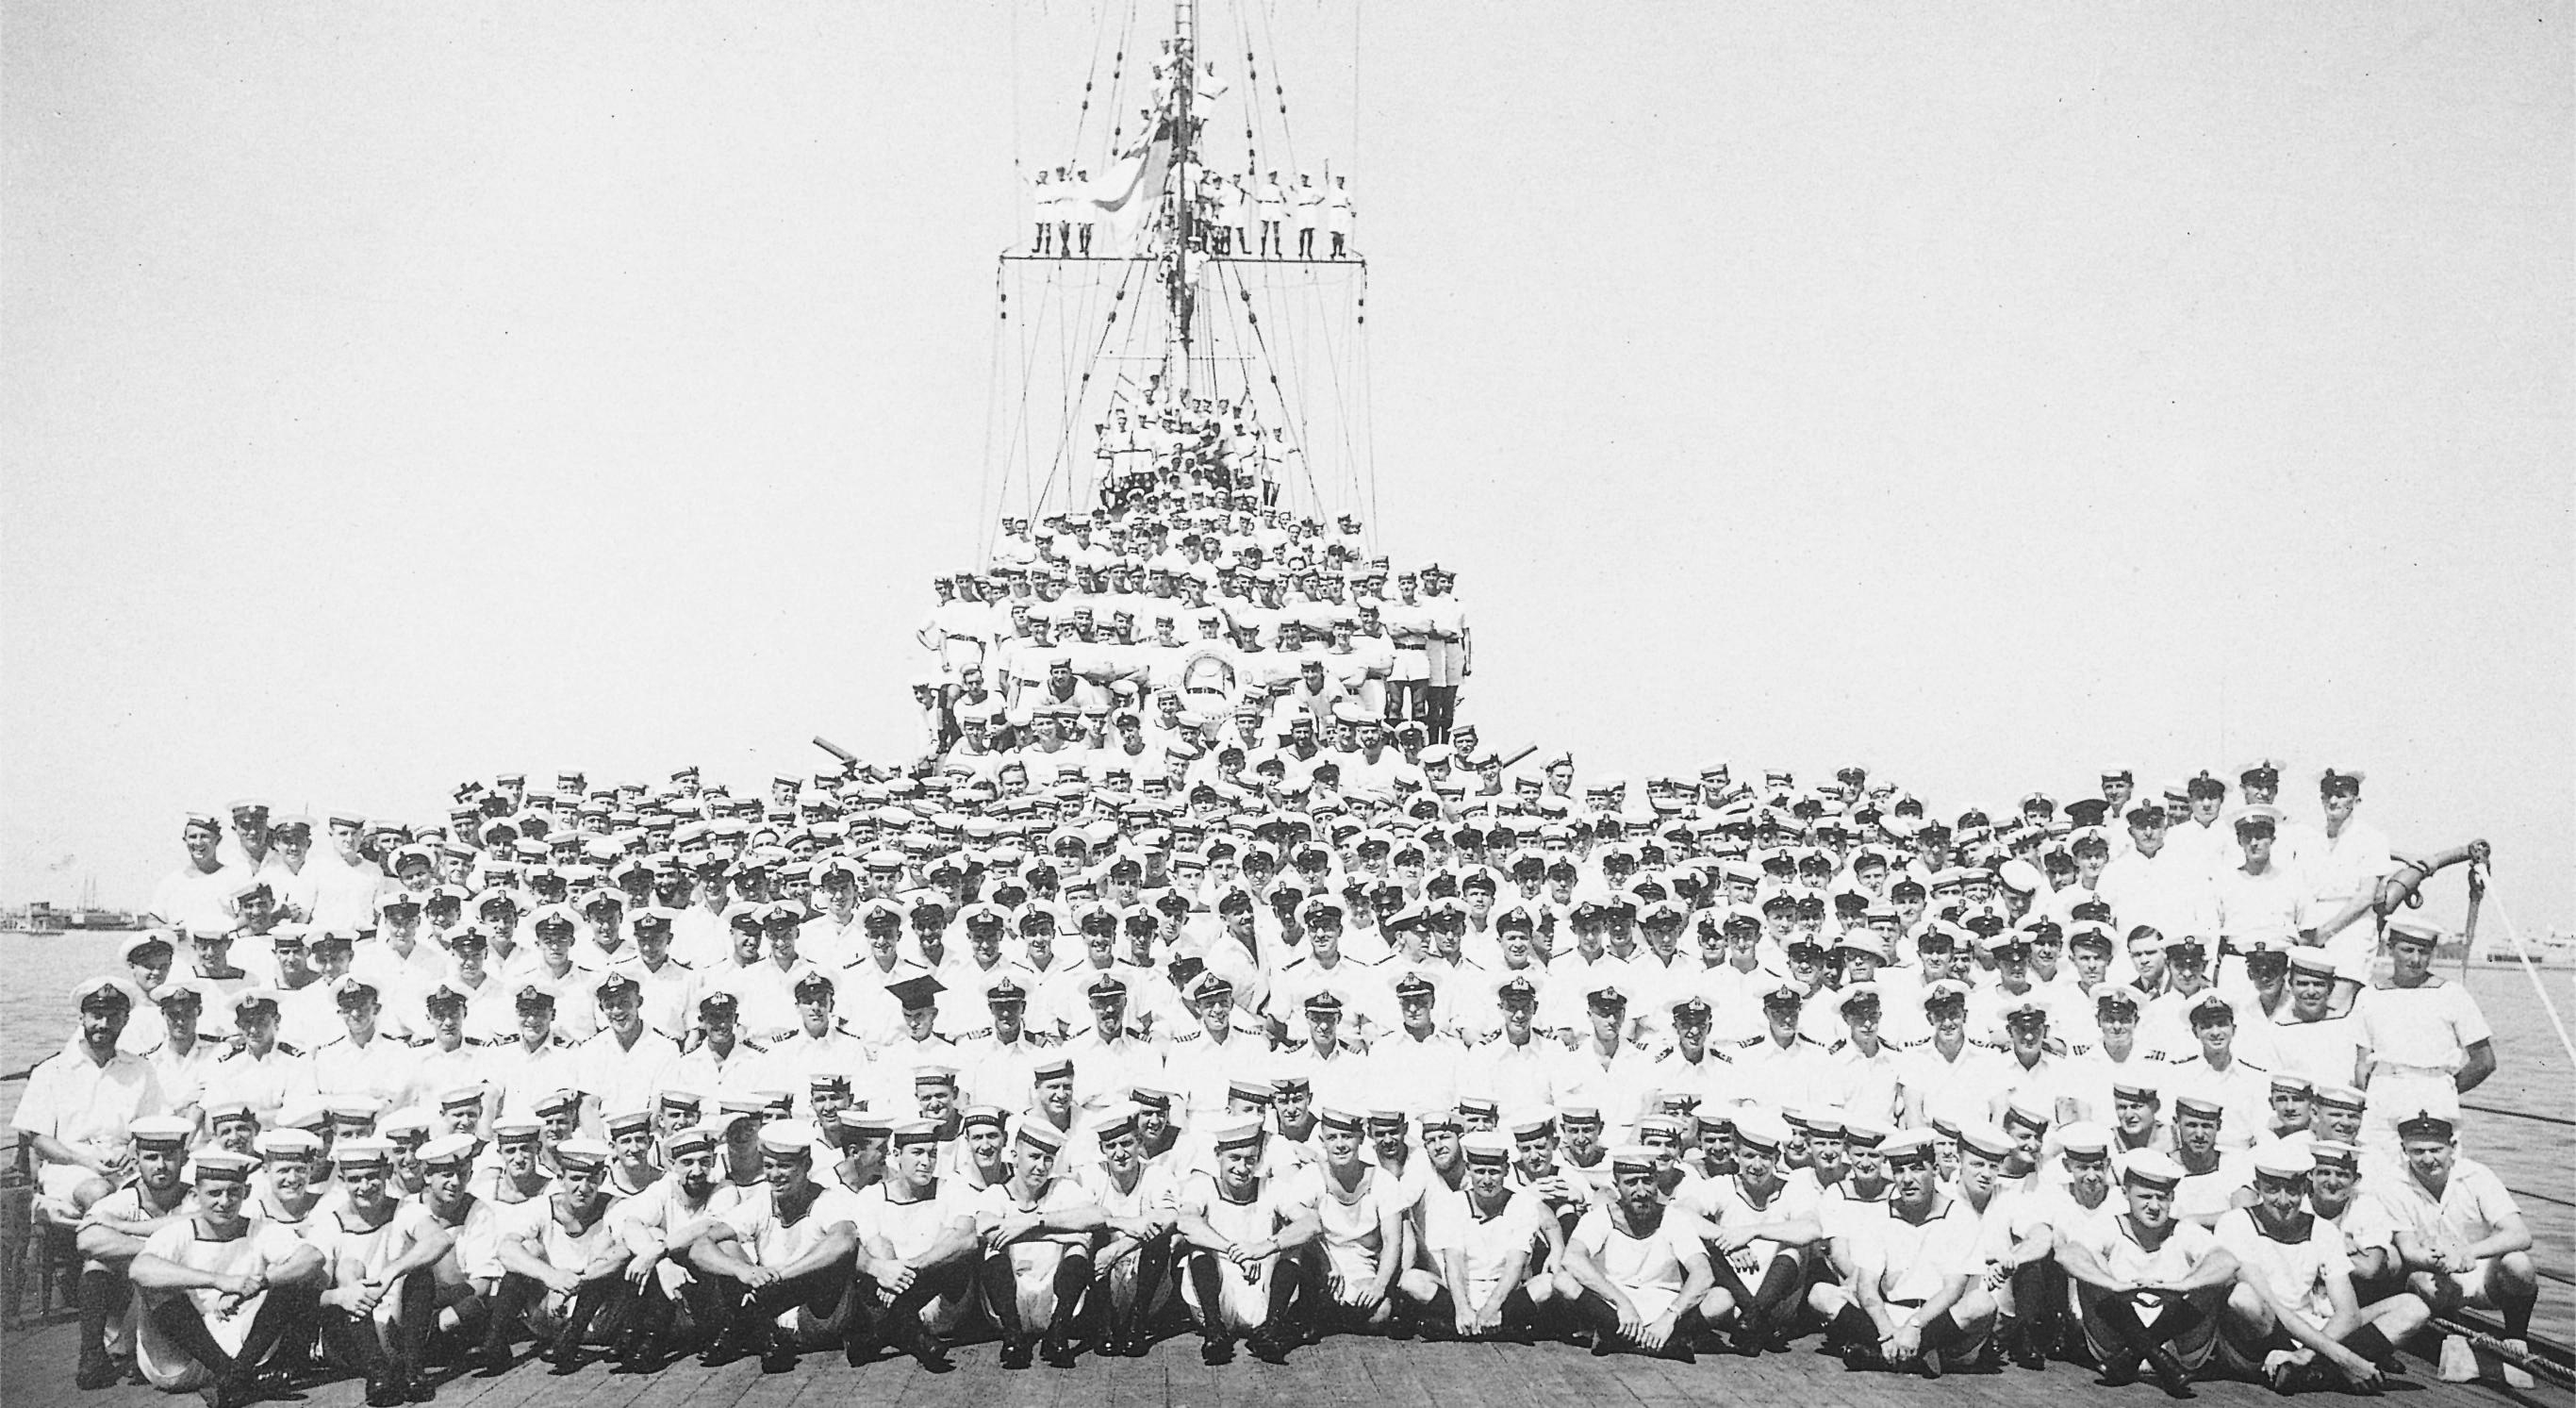 المسابقة العسكرية البحرية - صفحة 10 HMAS_Sydney_1934_crew